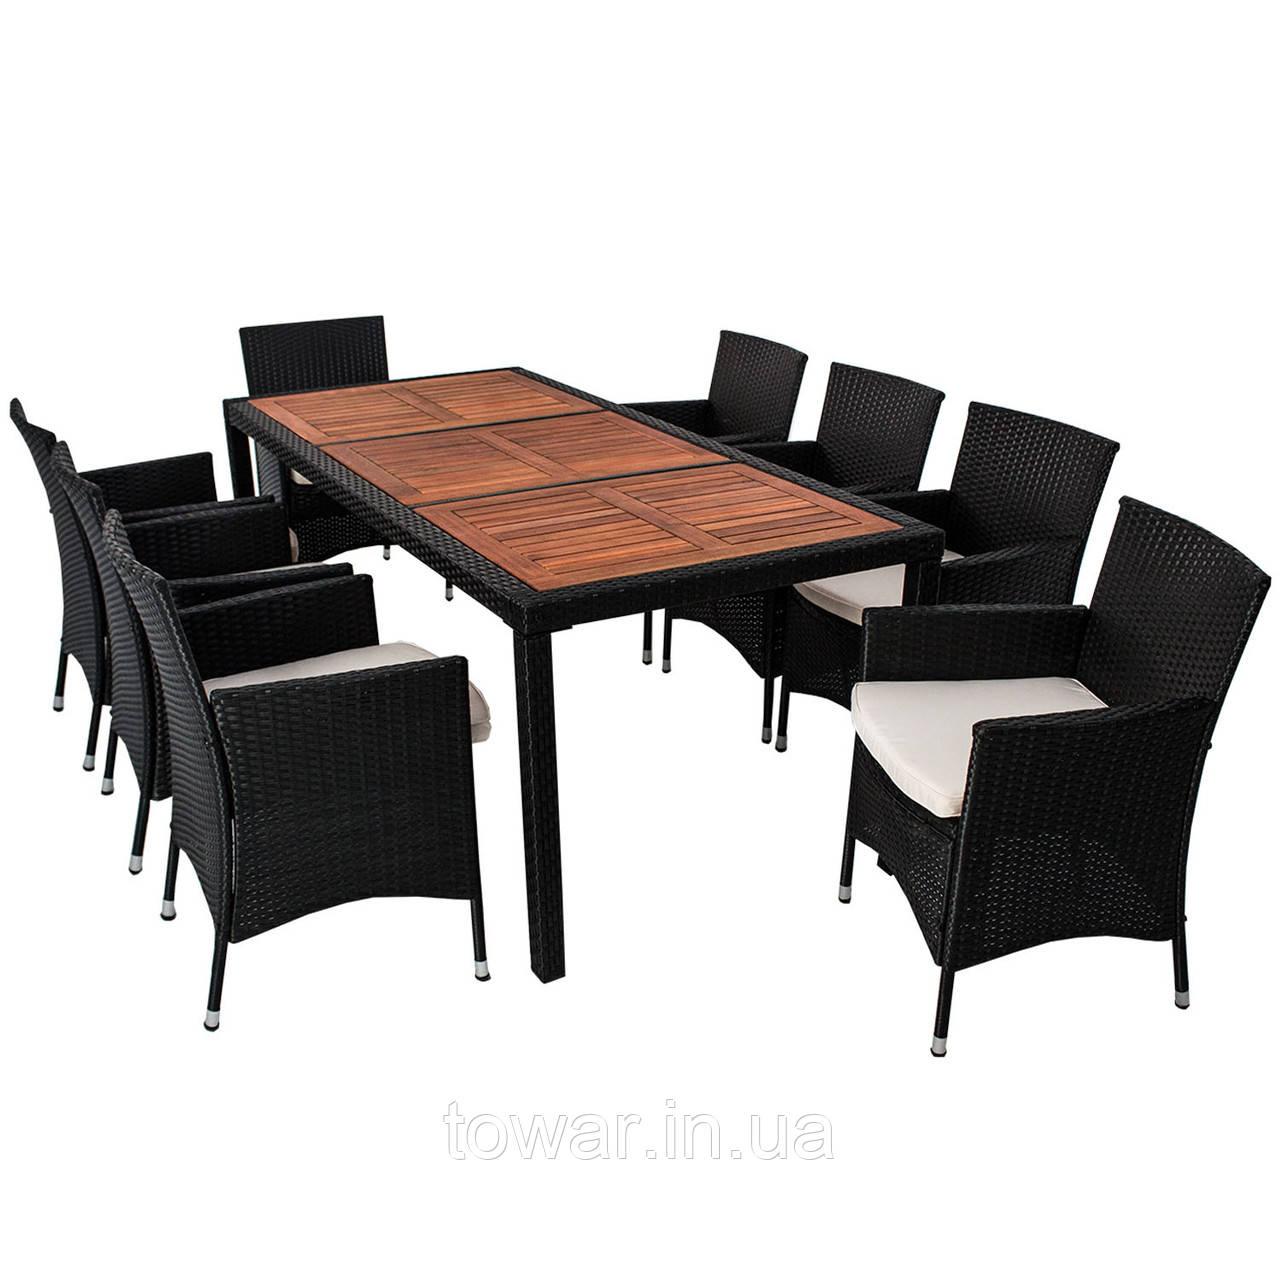 Комплект мебели VENA 8 + 1 техноротанг